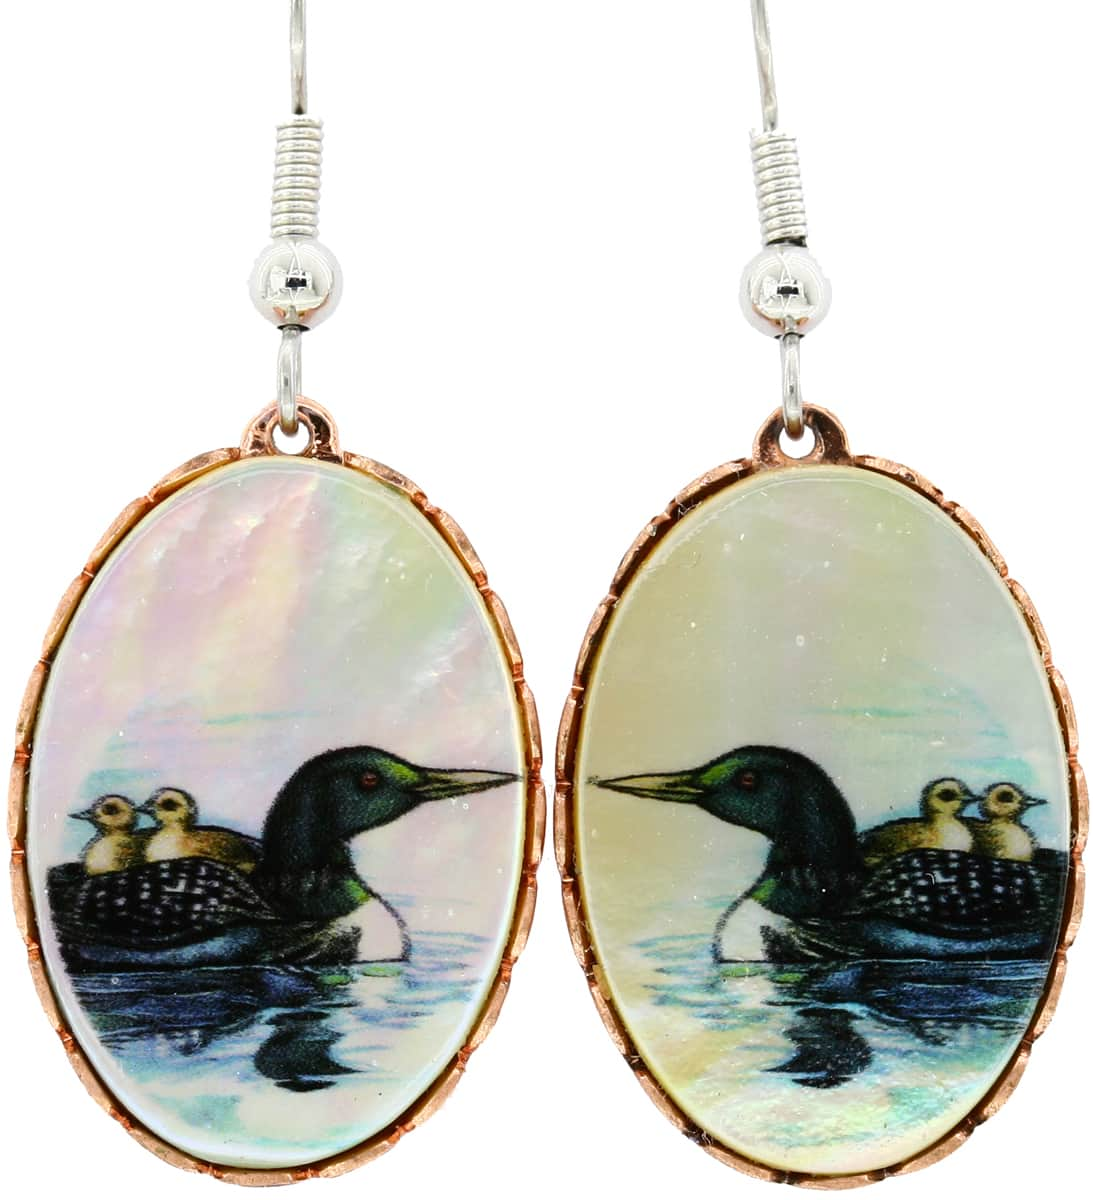 Loon Earrings Printed on Shell